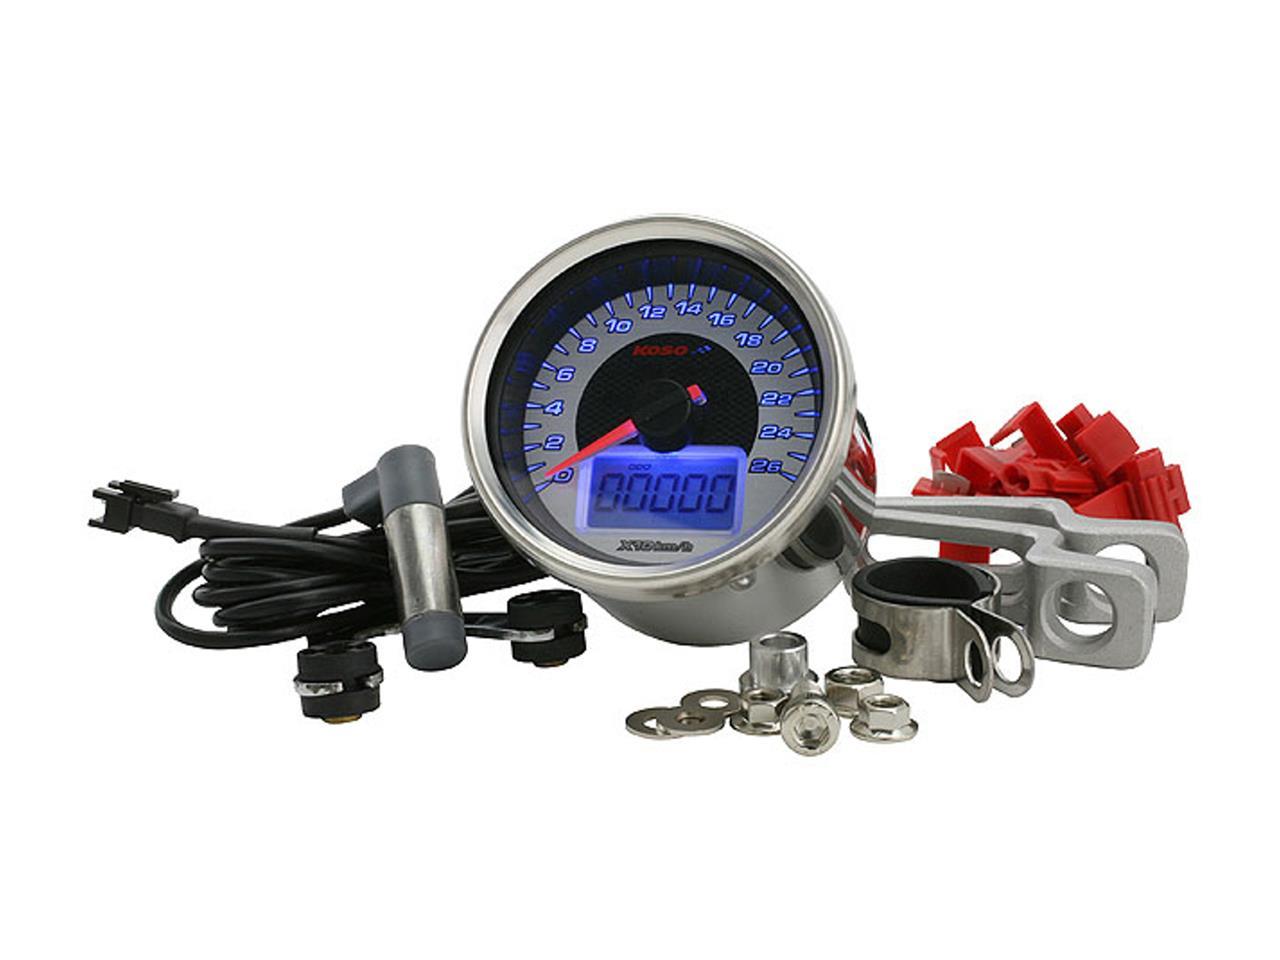 Compteur de vitesse KOSO D64 GP STYLE 260 km/h - Montage universel (Rond Chrome)